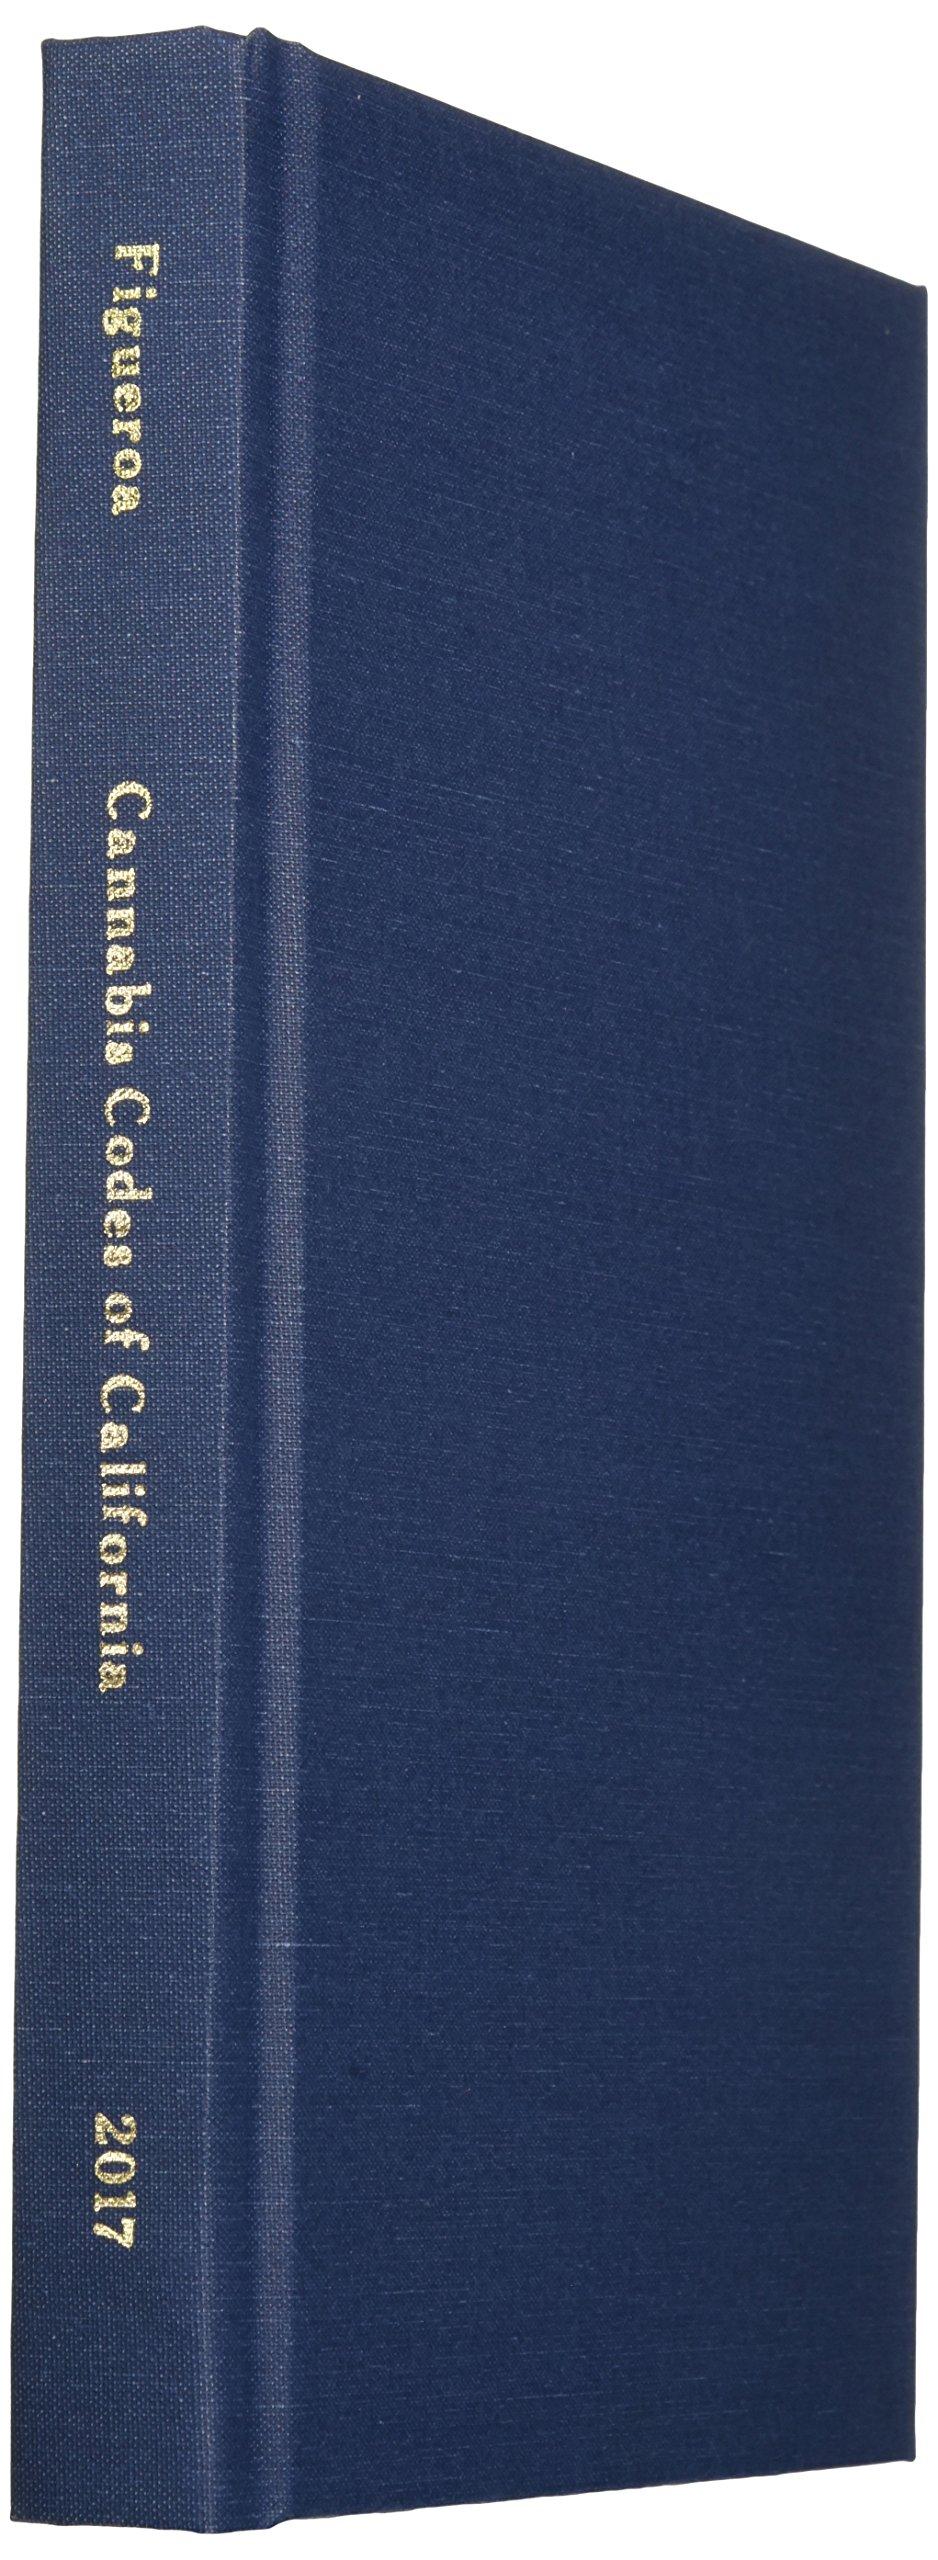 Cannabis Codes of California: Legalization Edition (California Cannabis Laws)